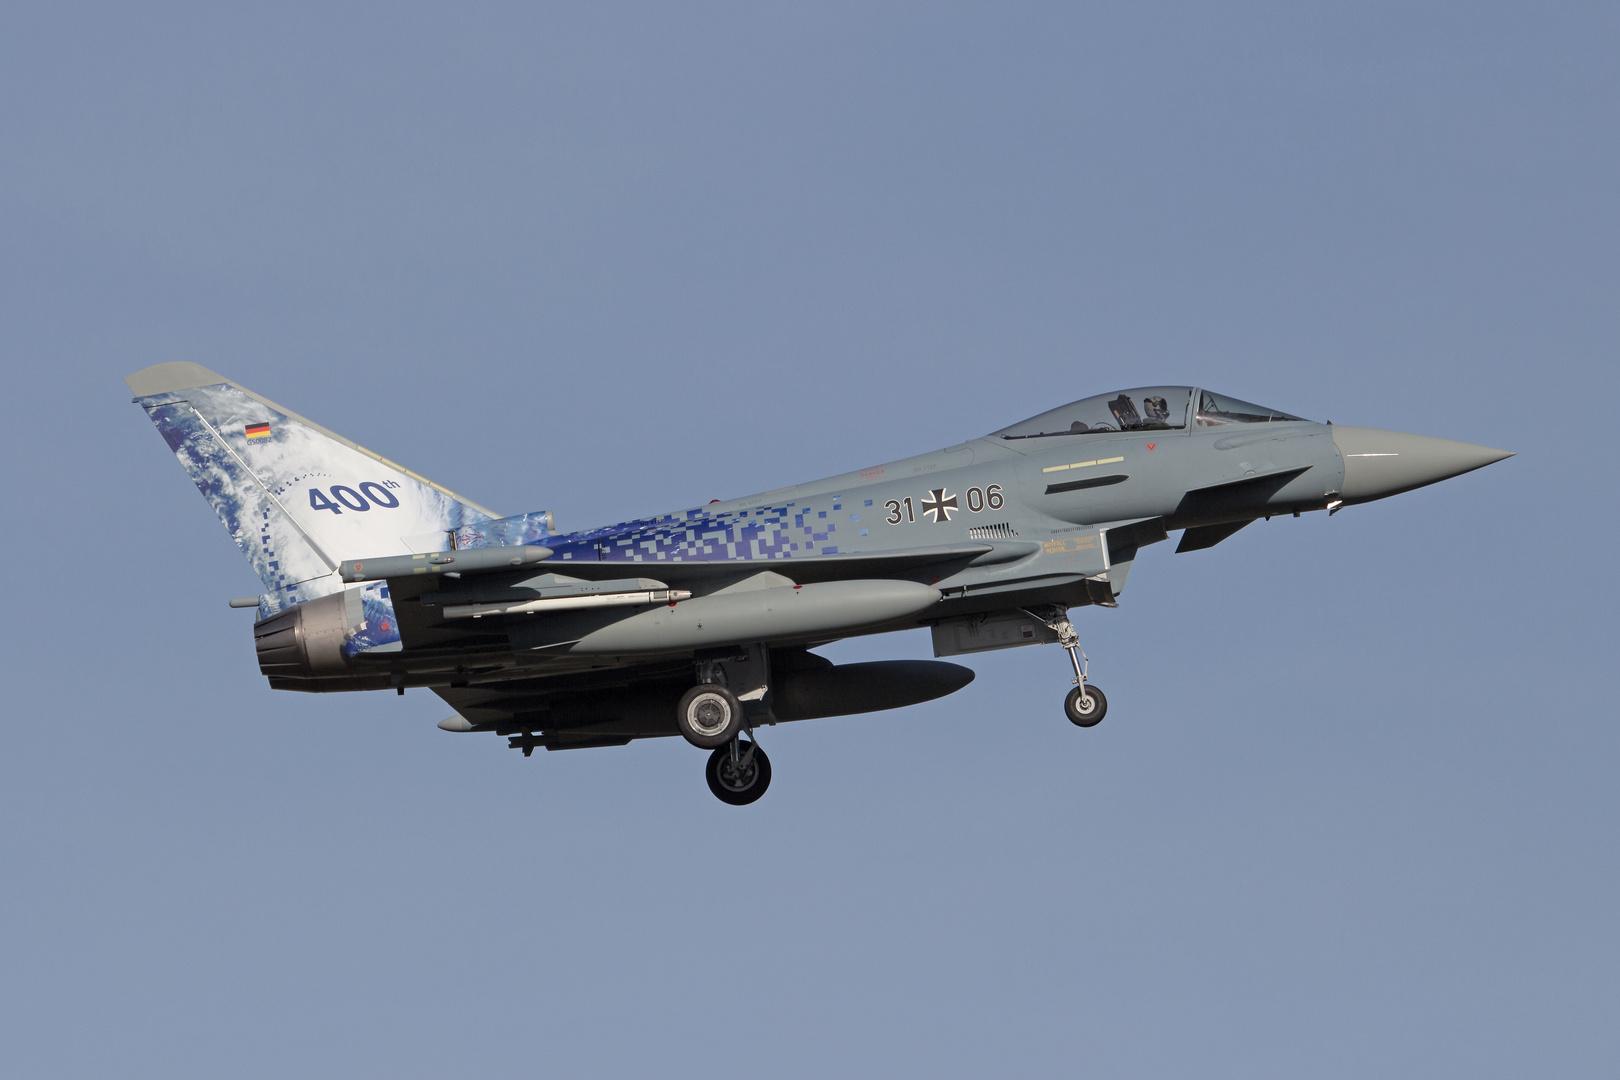 400th Eurofighter Typhoon